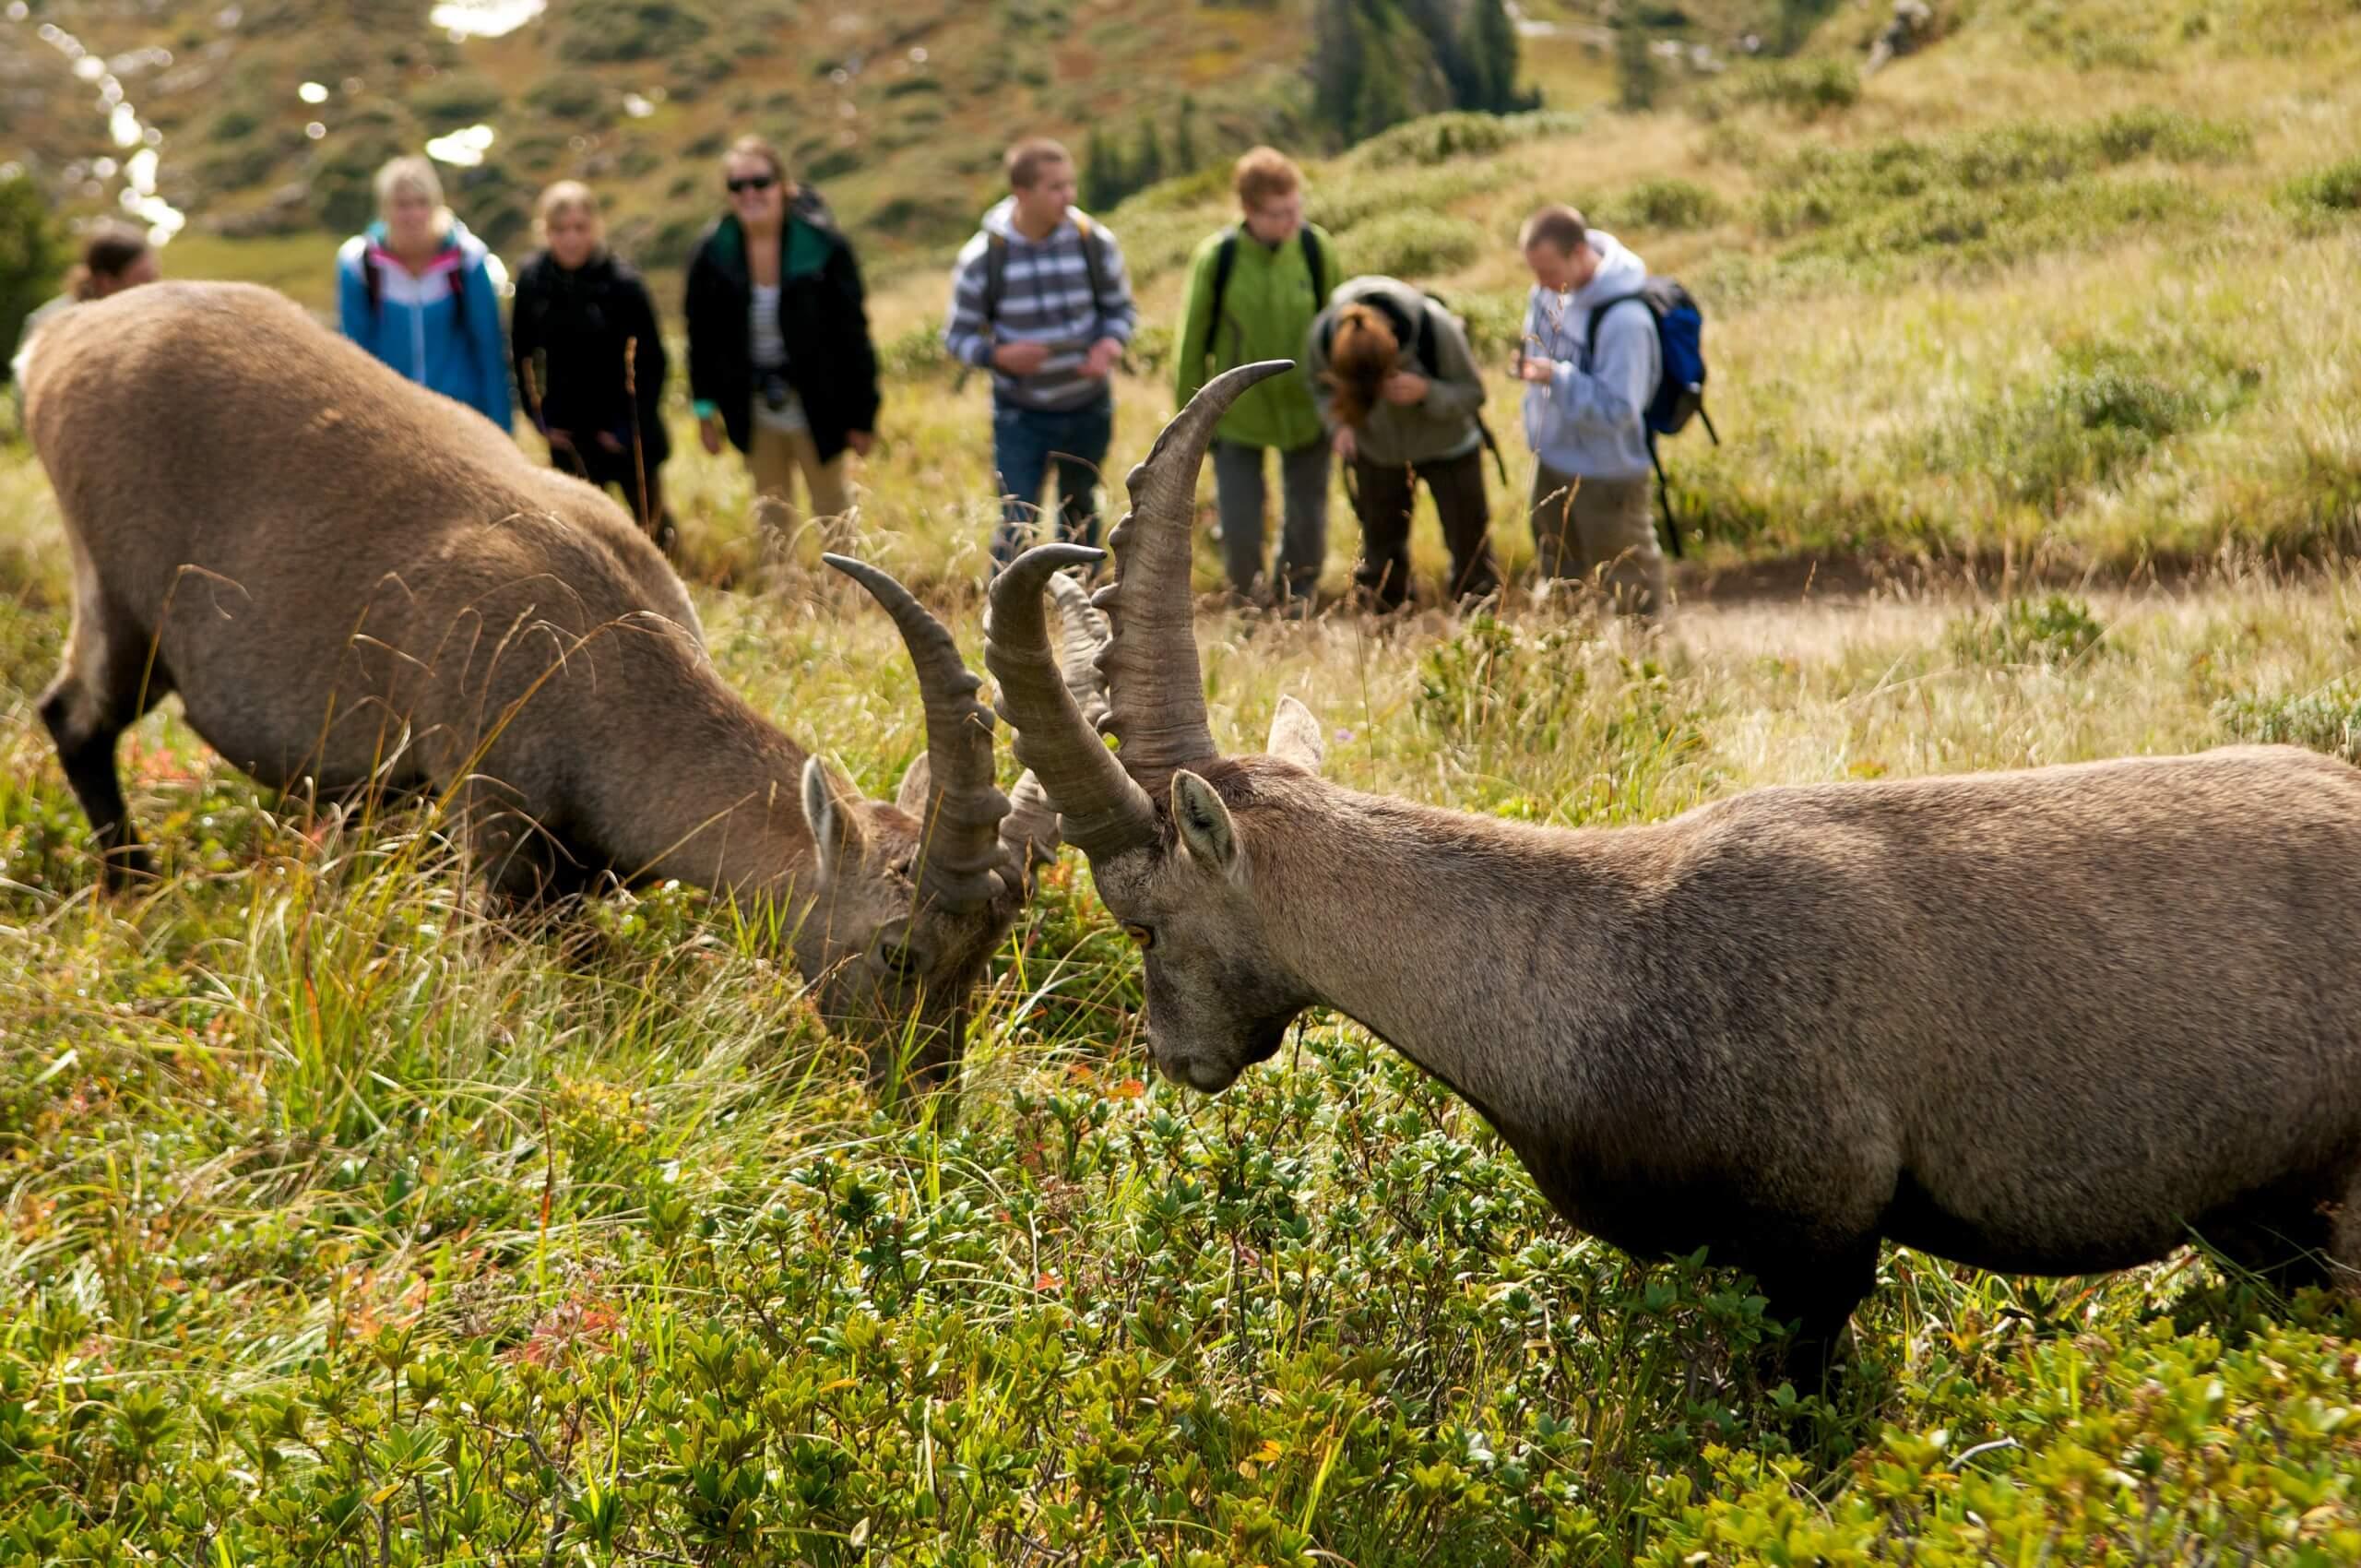 niederhorn-wildbeobachtungen-herbst-steinboecke-gefuehrte-touren